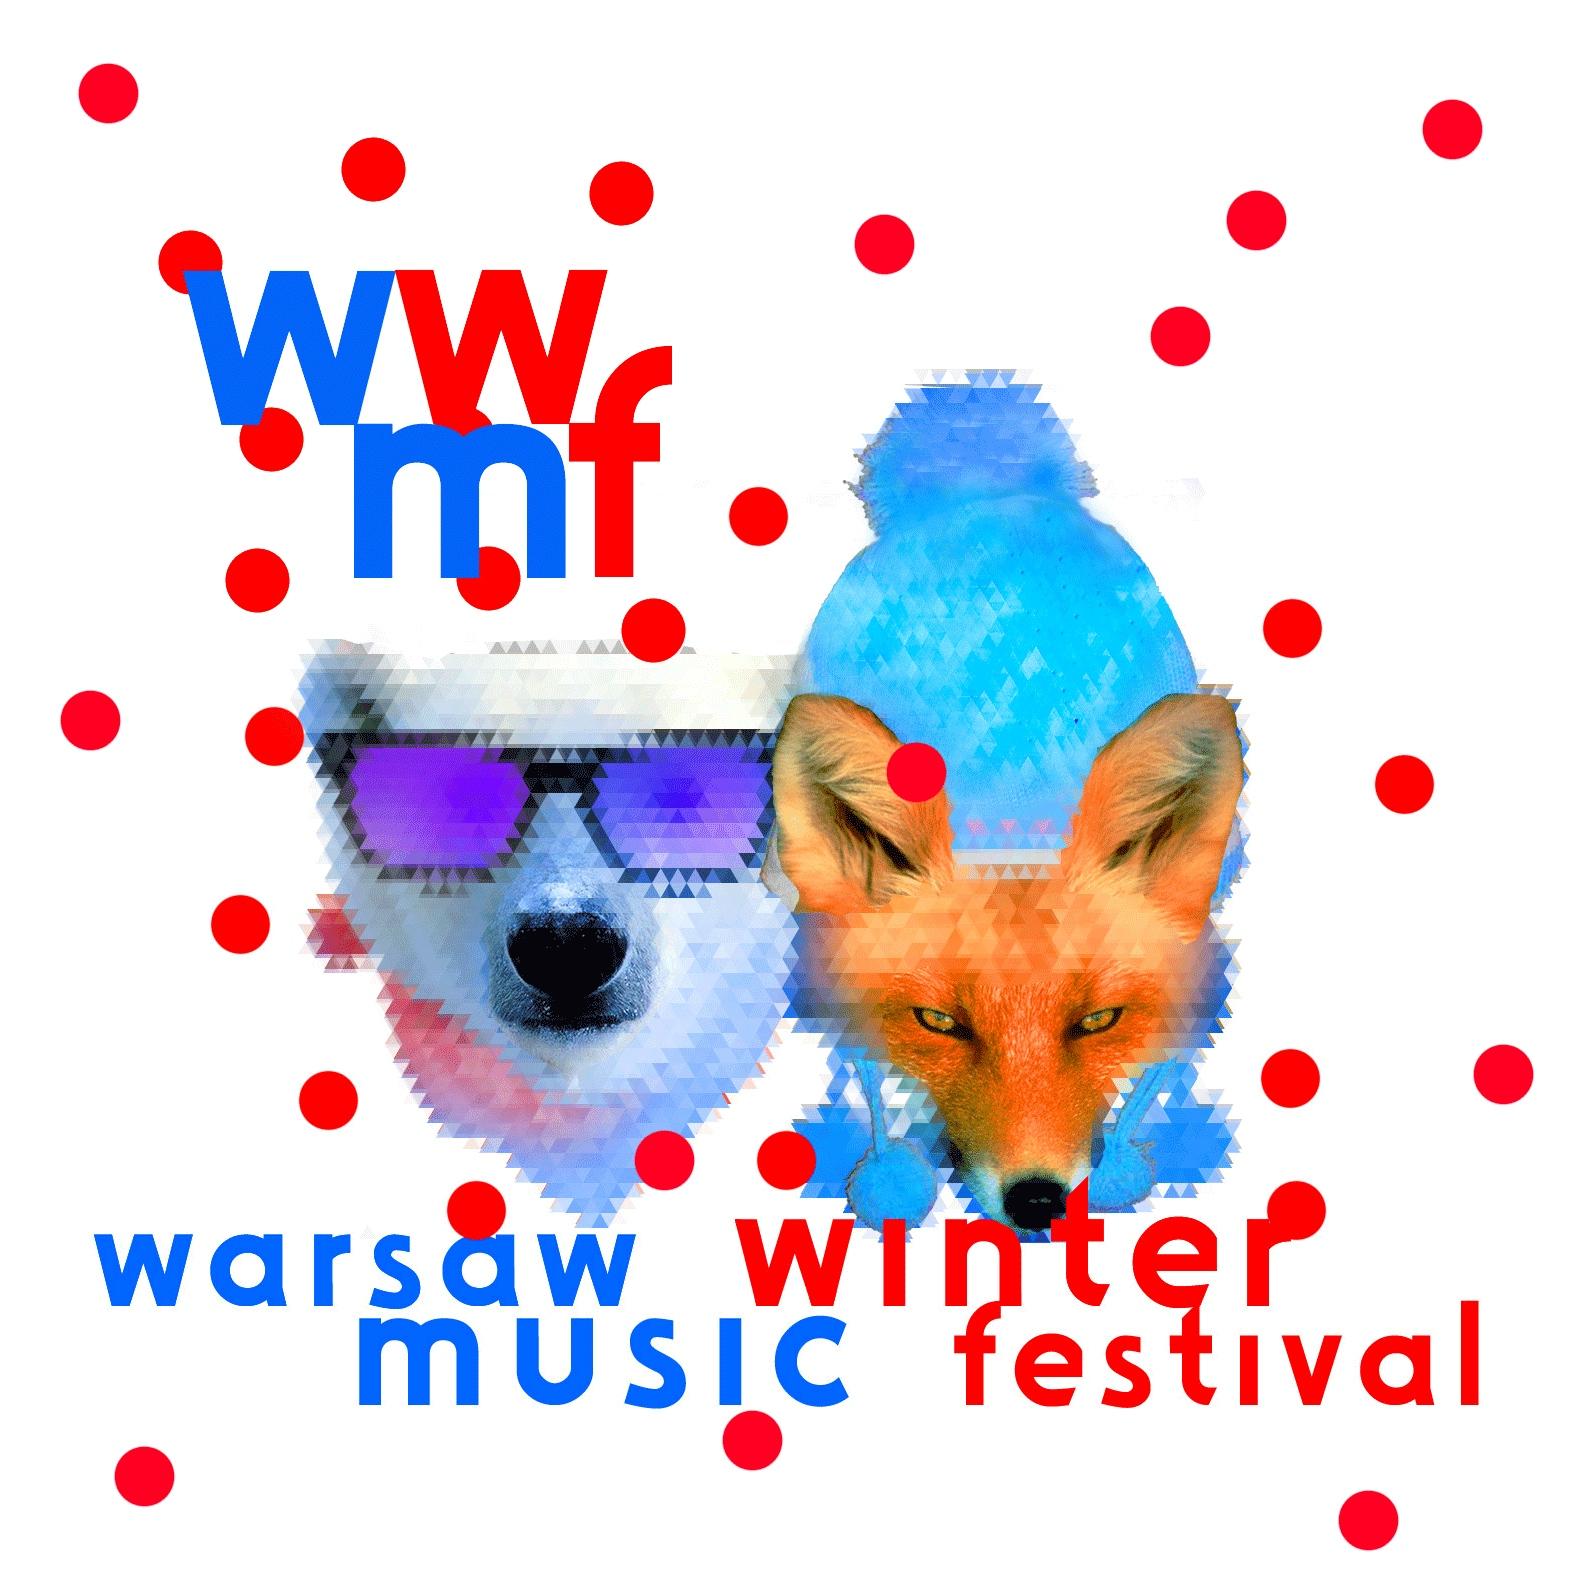 Warsaw Winter Music Festival Dzień 1- IMPREZA ODWOŁANA